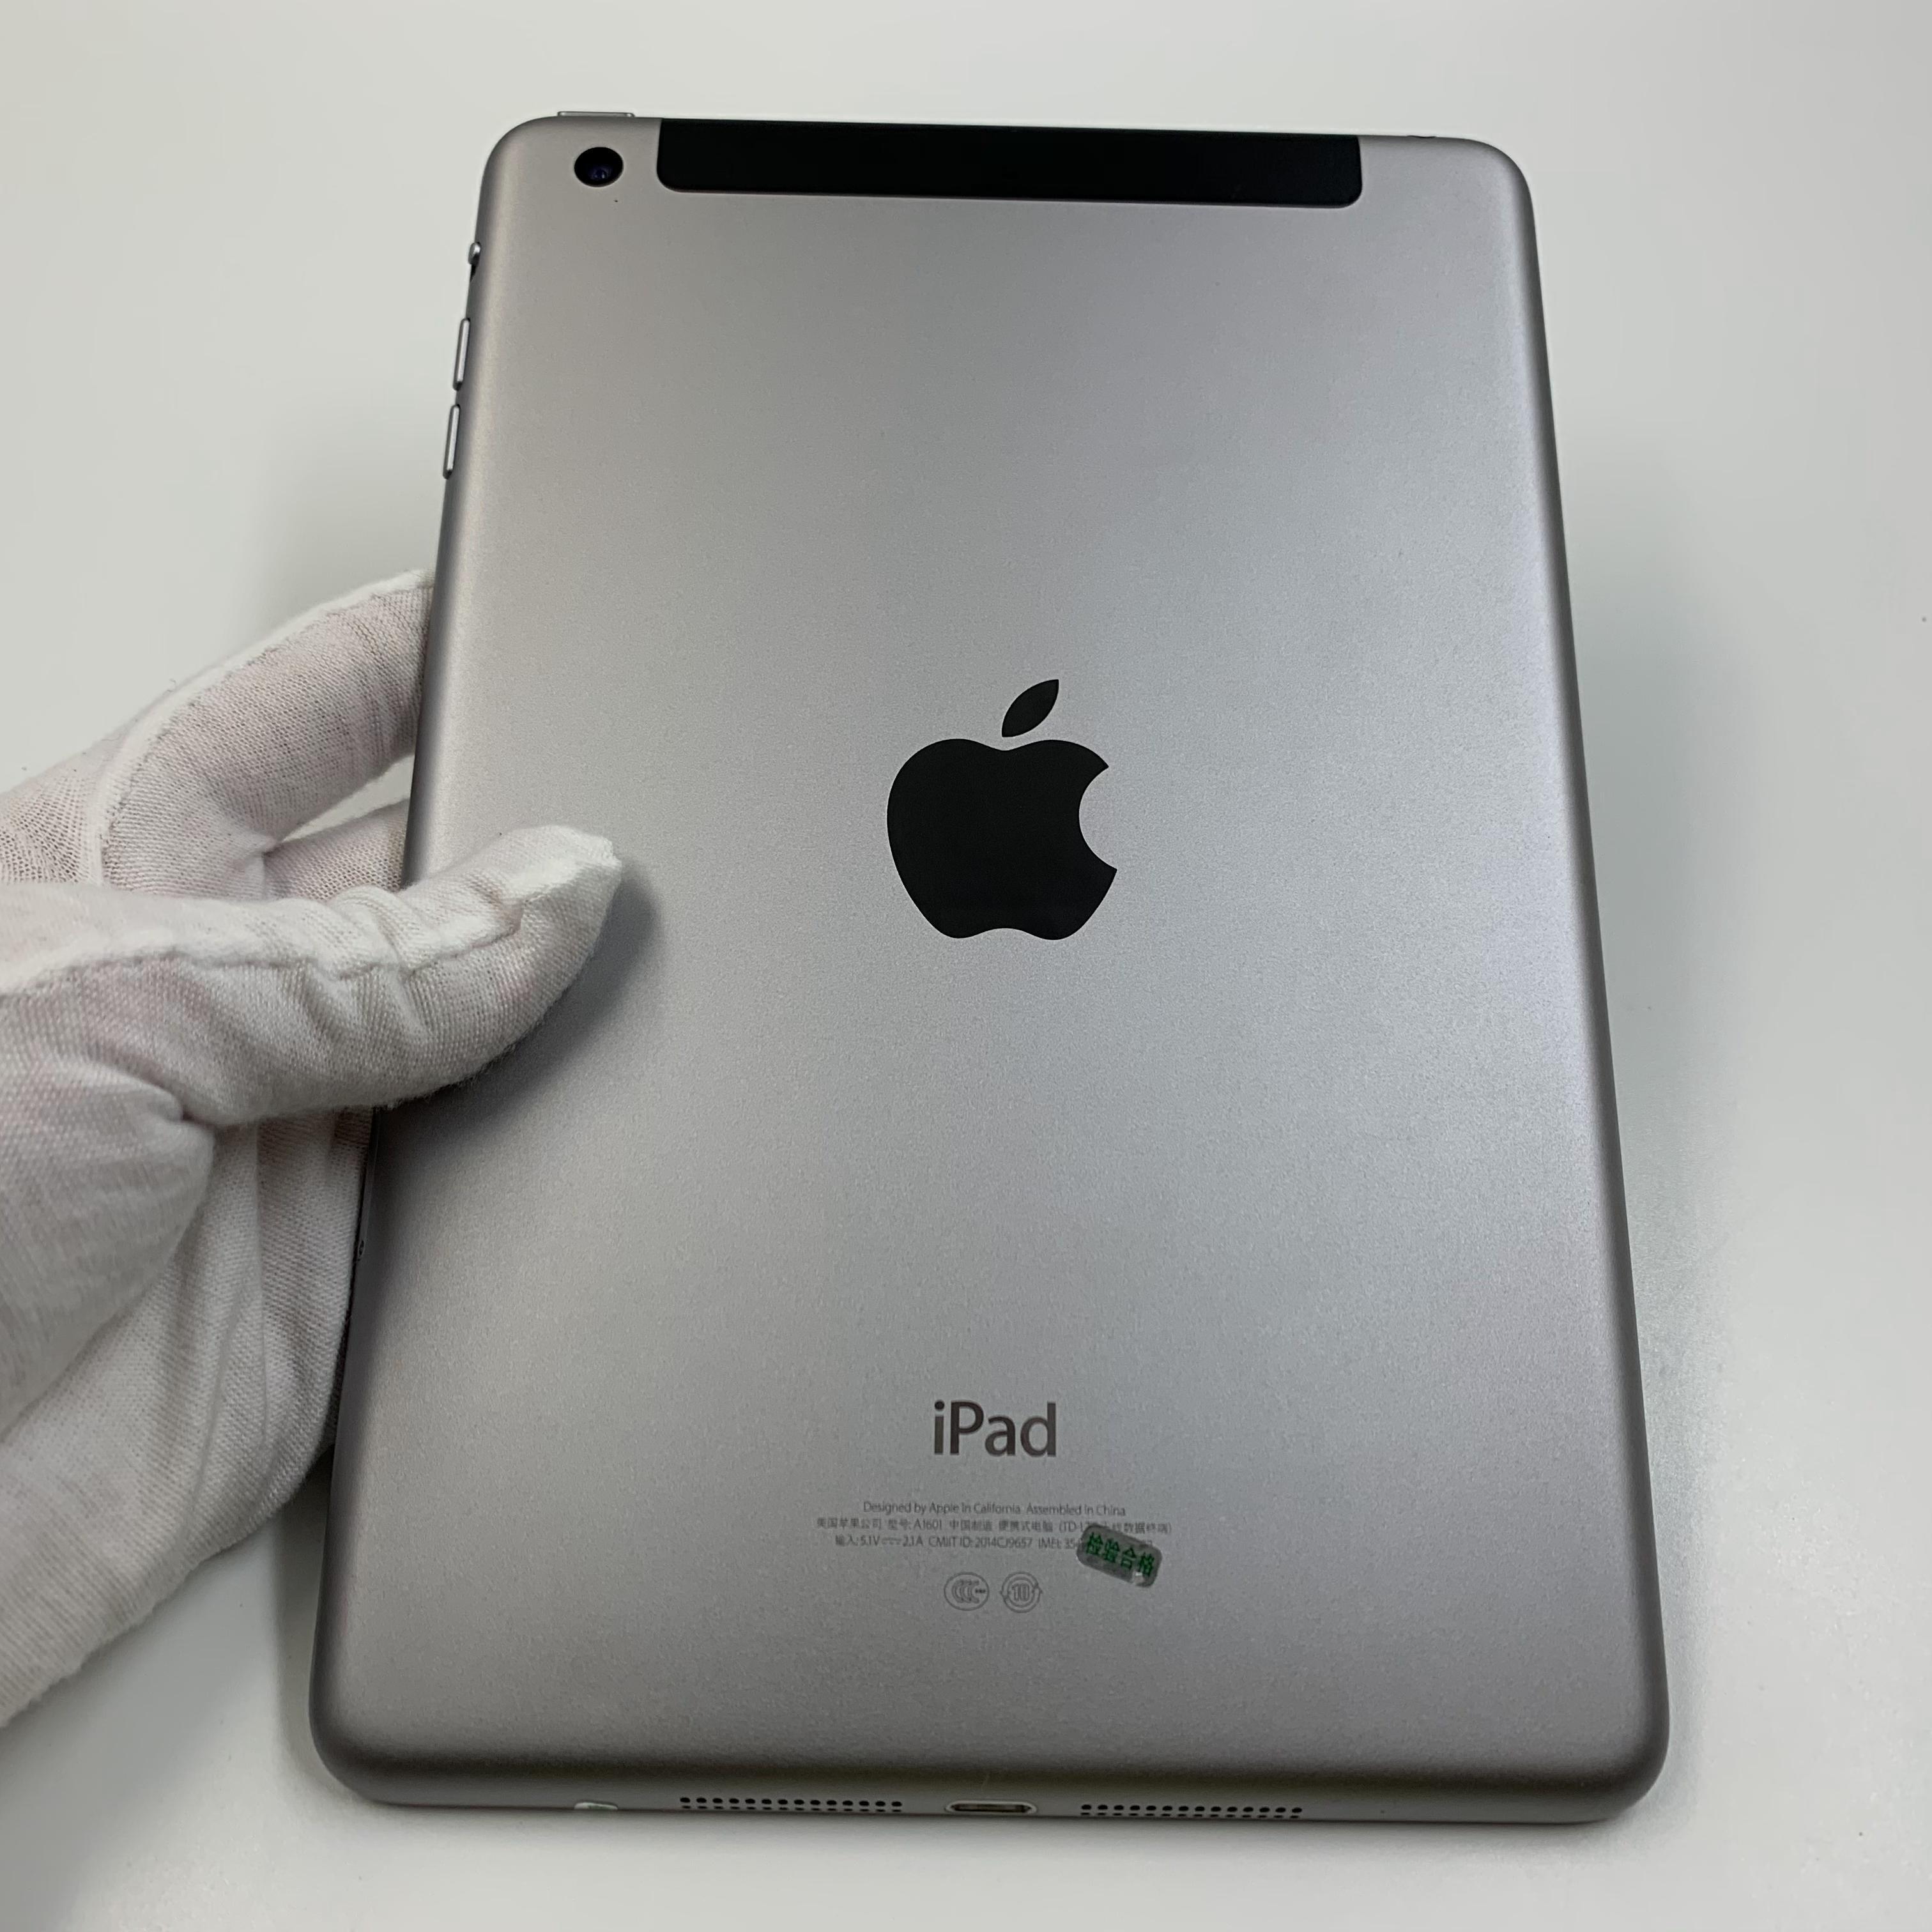 苹果【iPad mini 3】4G全网通 深空灰 128G 国行 8成新 真机实拍4G+WIFI版